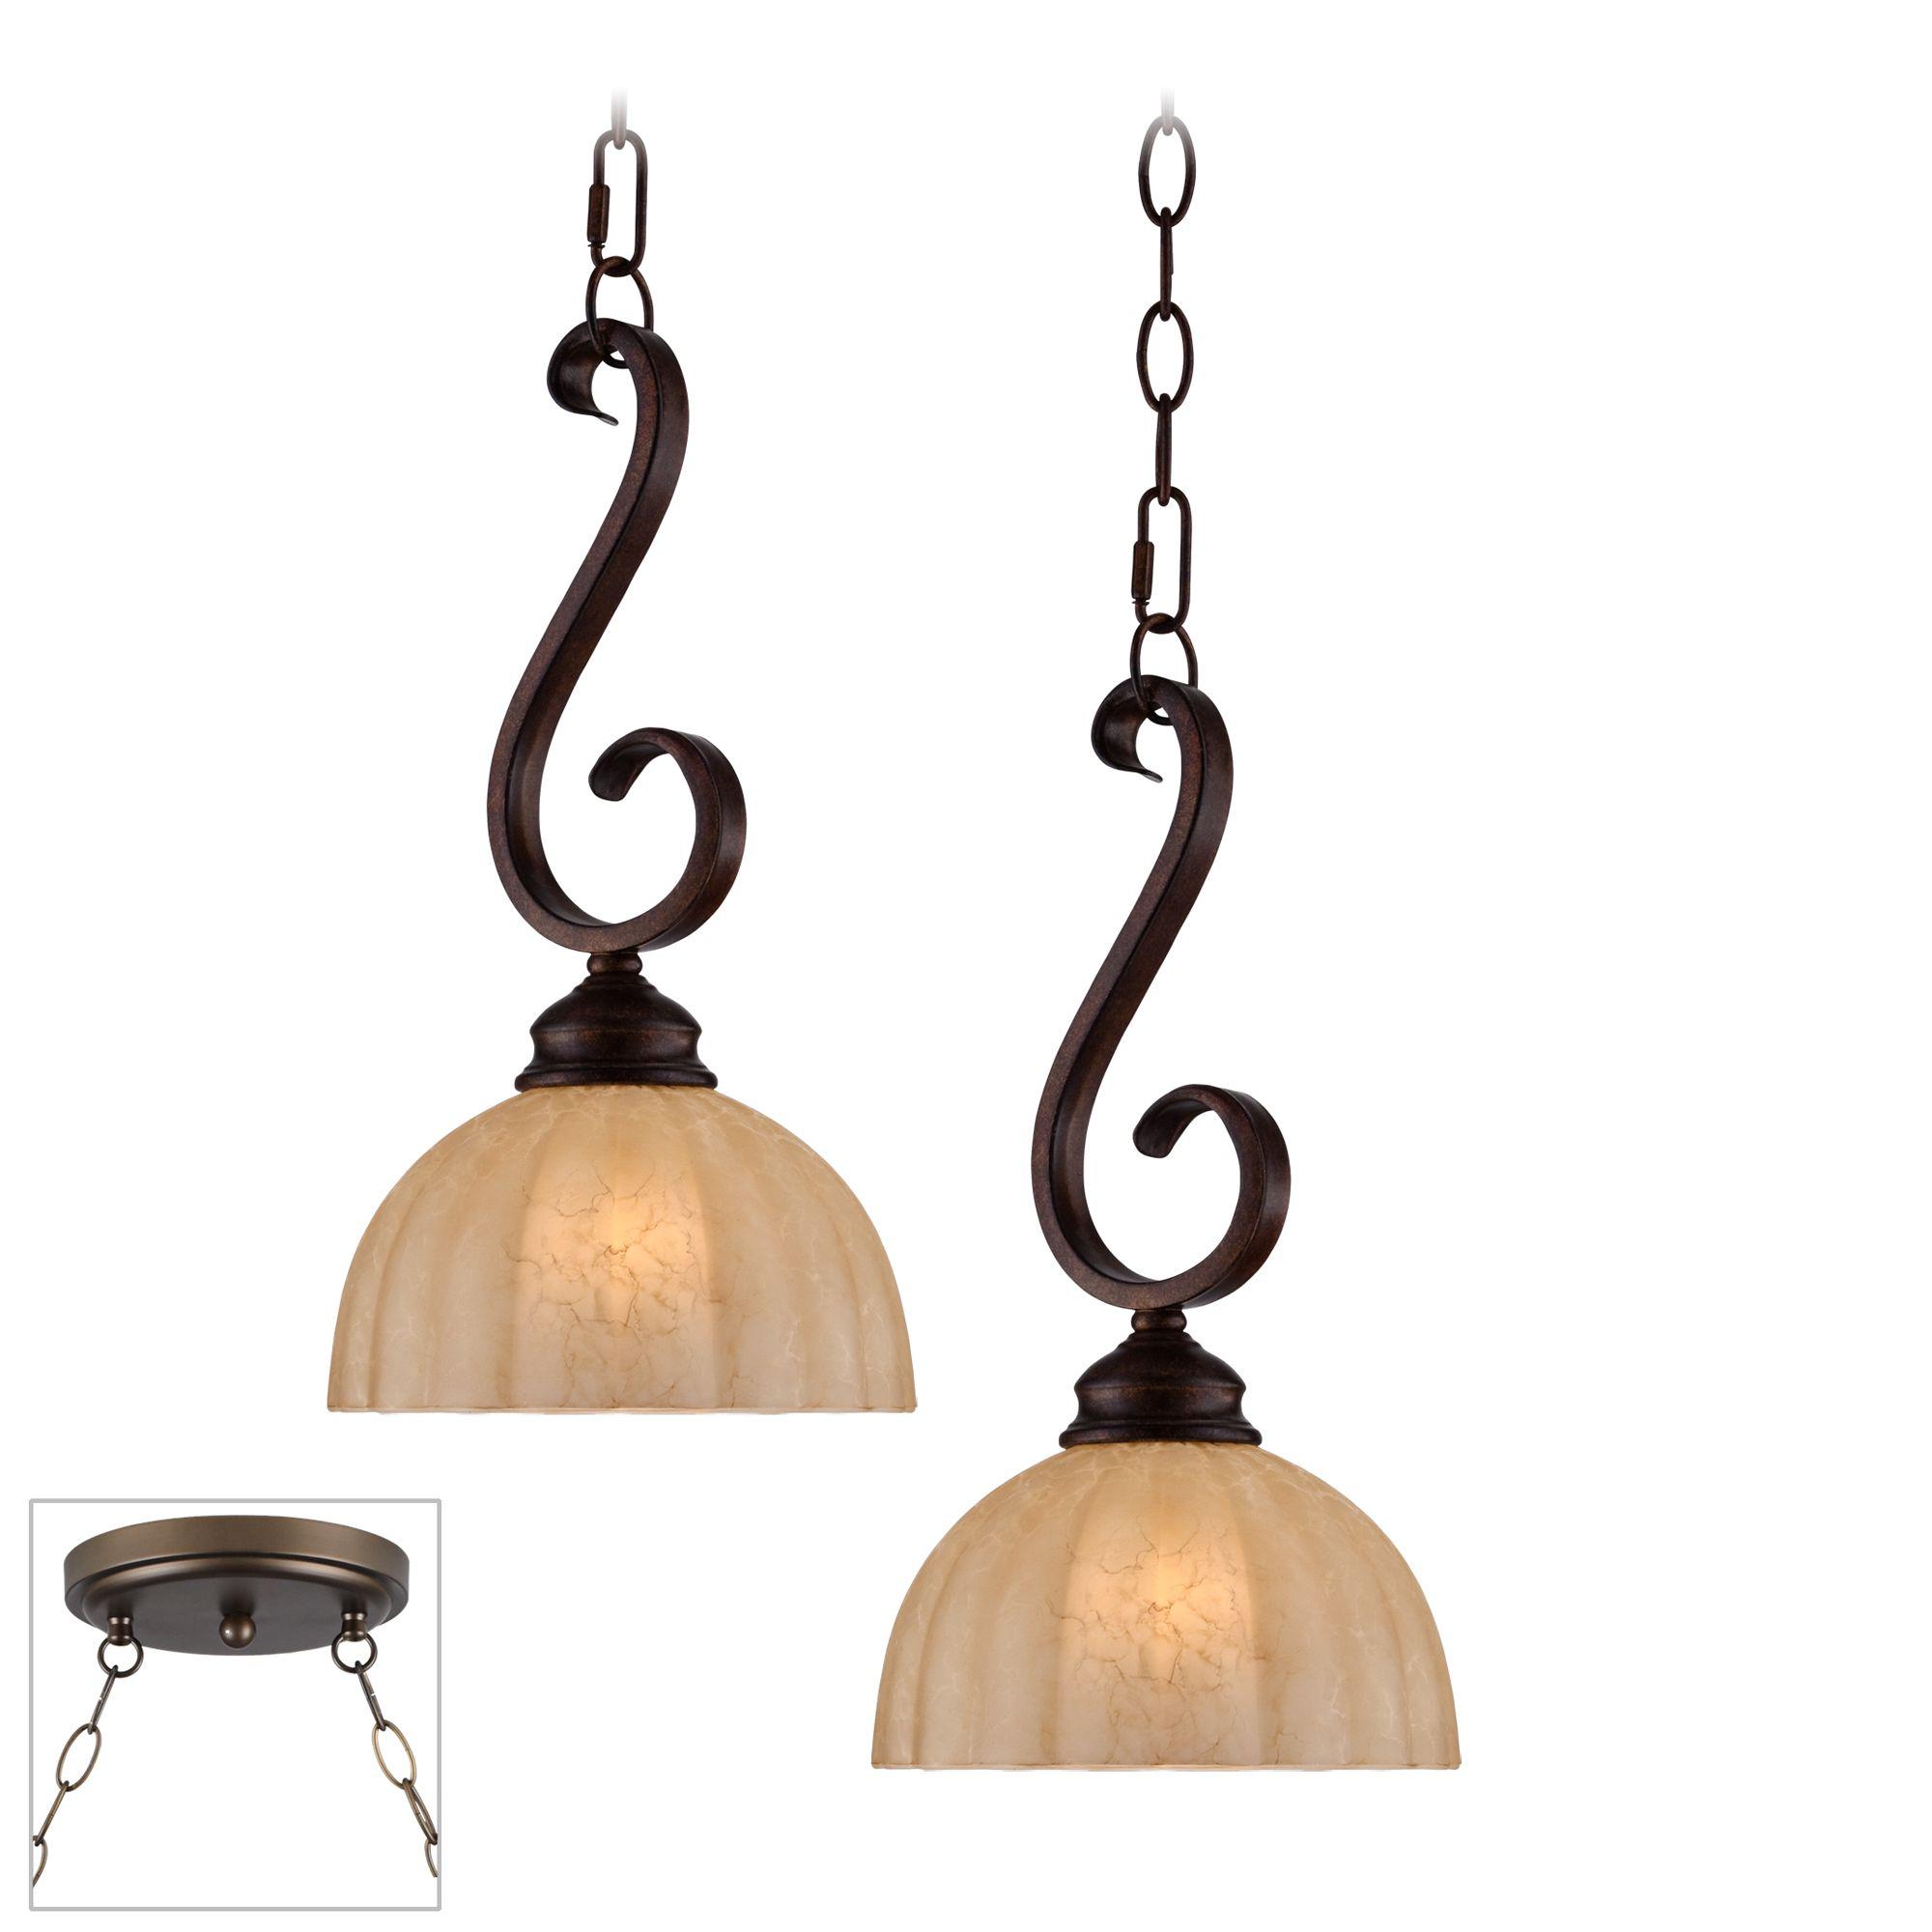 Ferro Scroll Bronze Double Multi Light Pendant  sc 1 st  L&s Plus & Traditional Multi Light Pendant Chandeliers | Lamps Plus azcodes.com